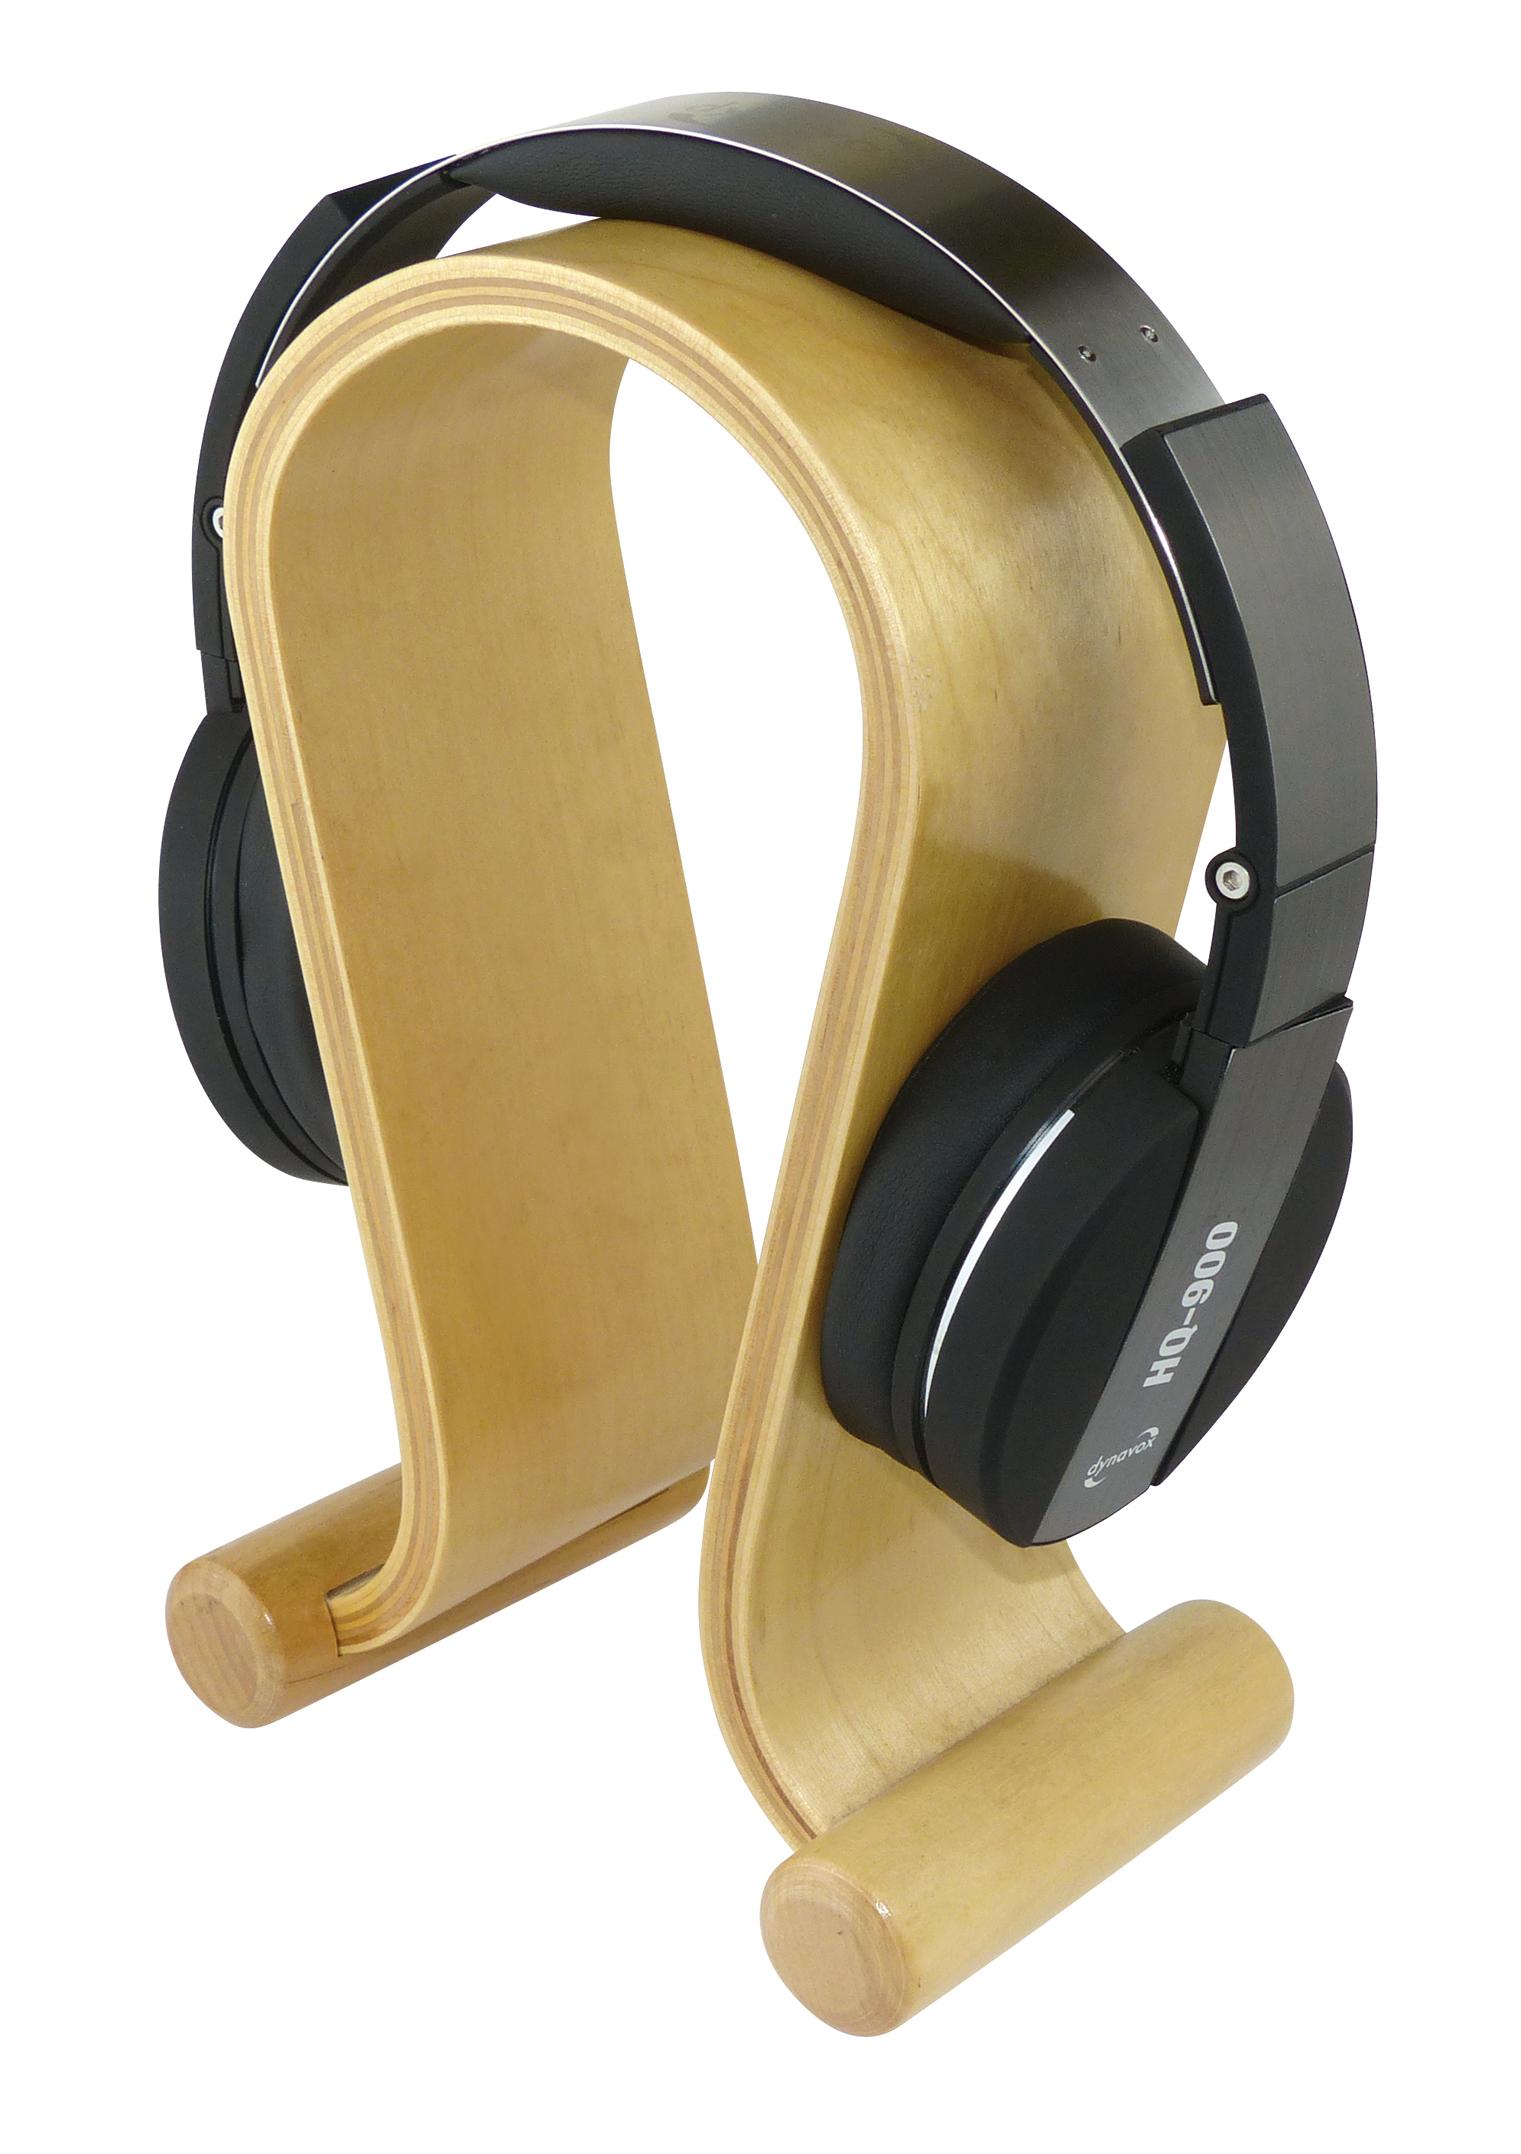 Dynavox Headphonerack KH-500 Barevné provedení: bříza